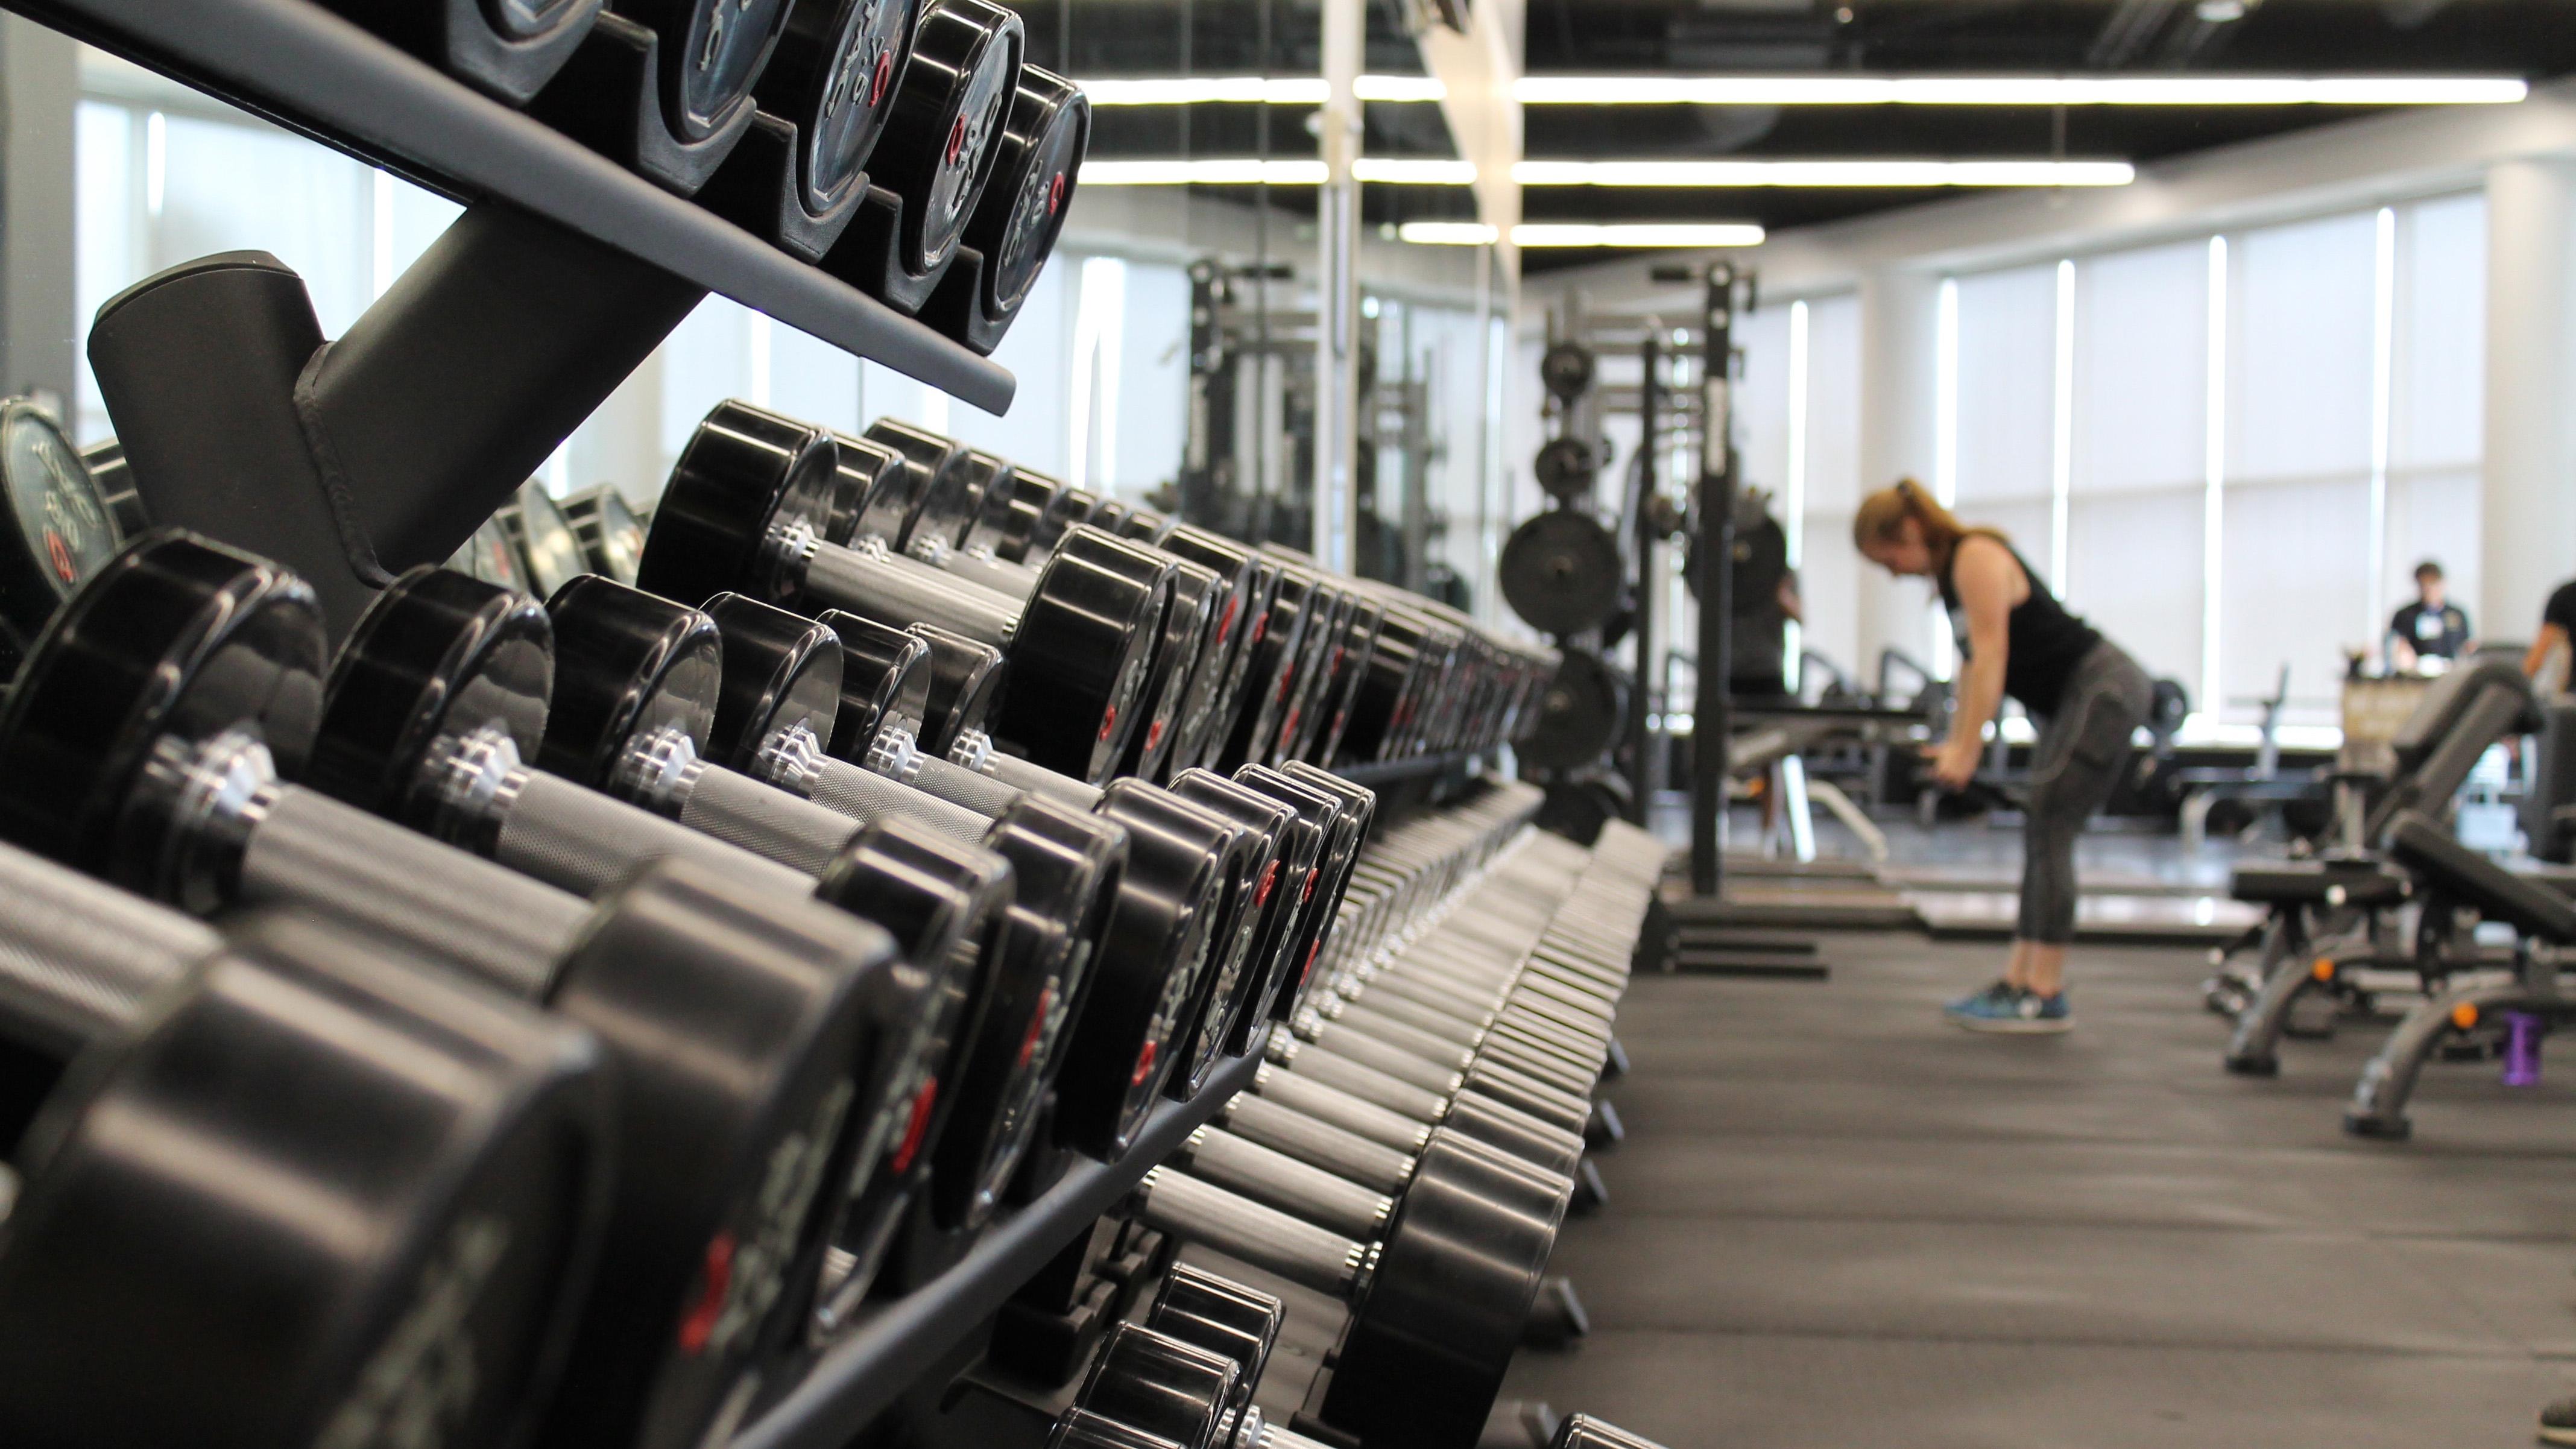 eDoctor - Bác sĩ ơi: Có nên đi bơi và tập trong phòng gym mùa dịch nCoV?